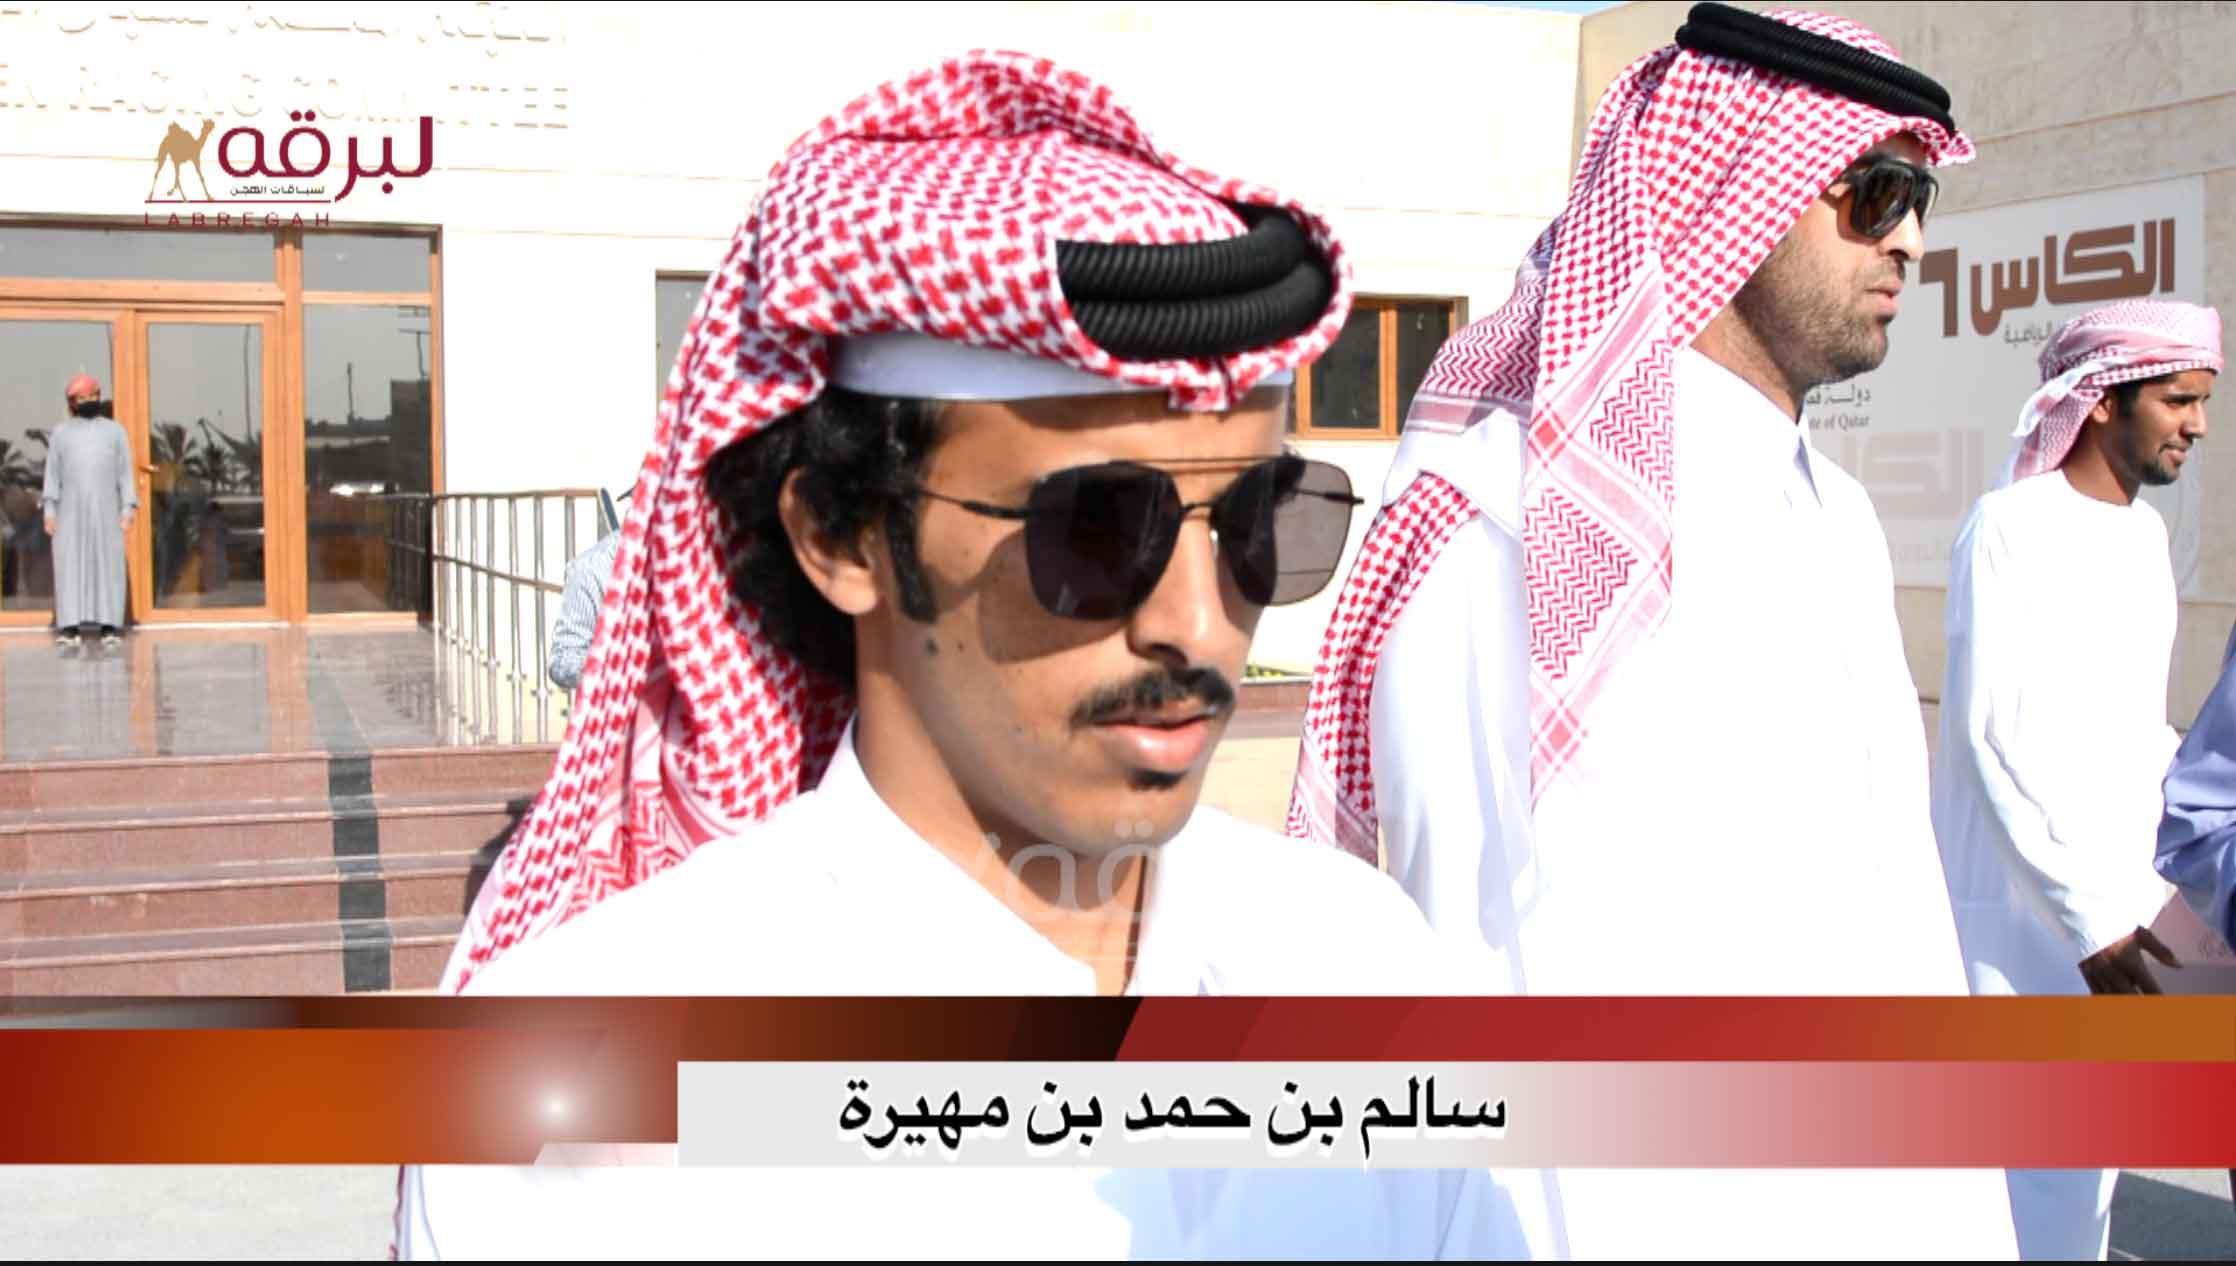 لقاء مع سالم بن حمد بن مهيرة.. الخنجر الفضي جذاع قعدان « إنتاج » الأشواط العامة  ٢٠-١-٢٠٢١